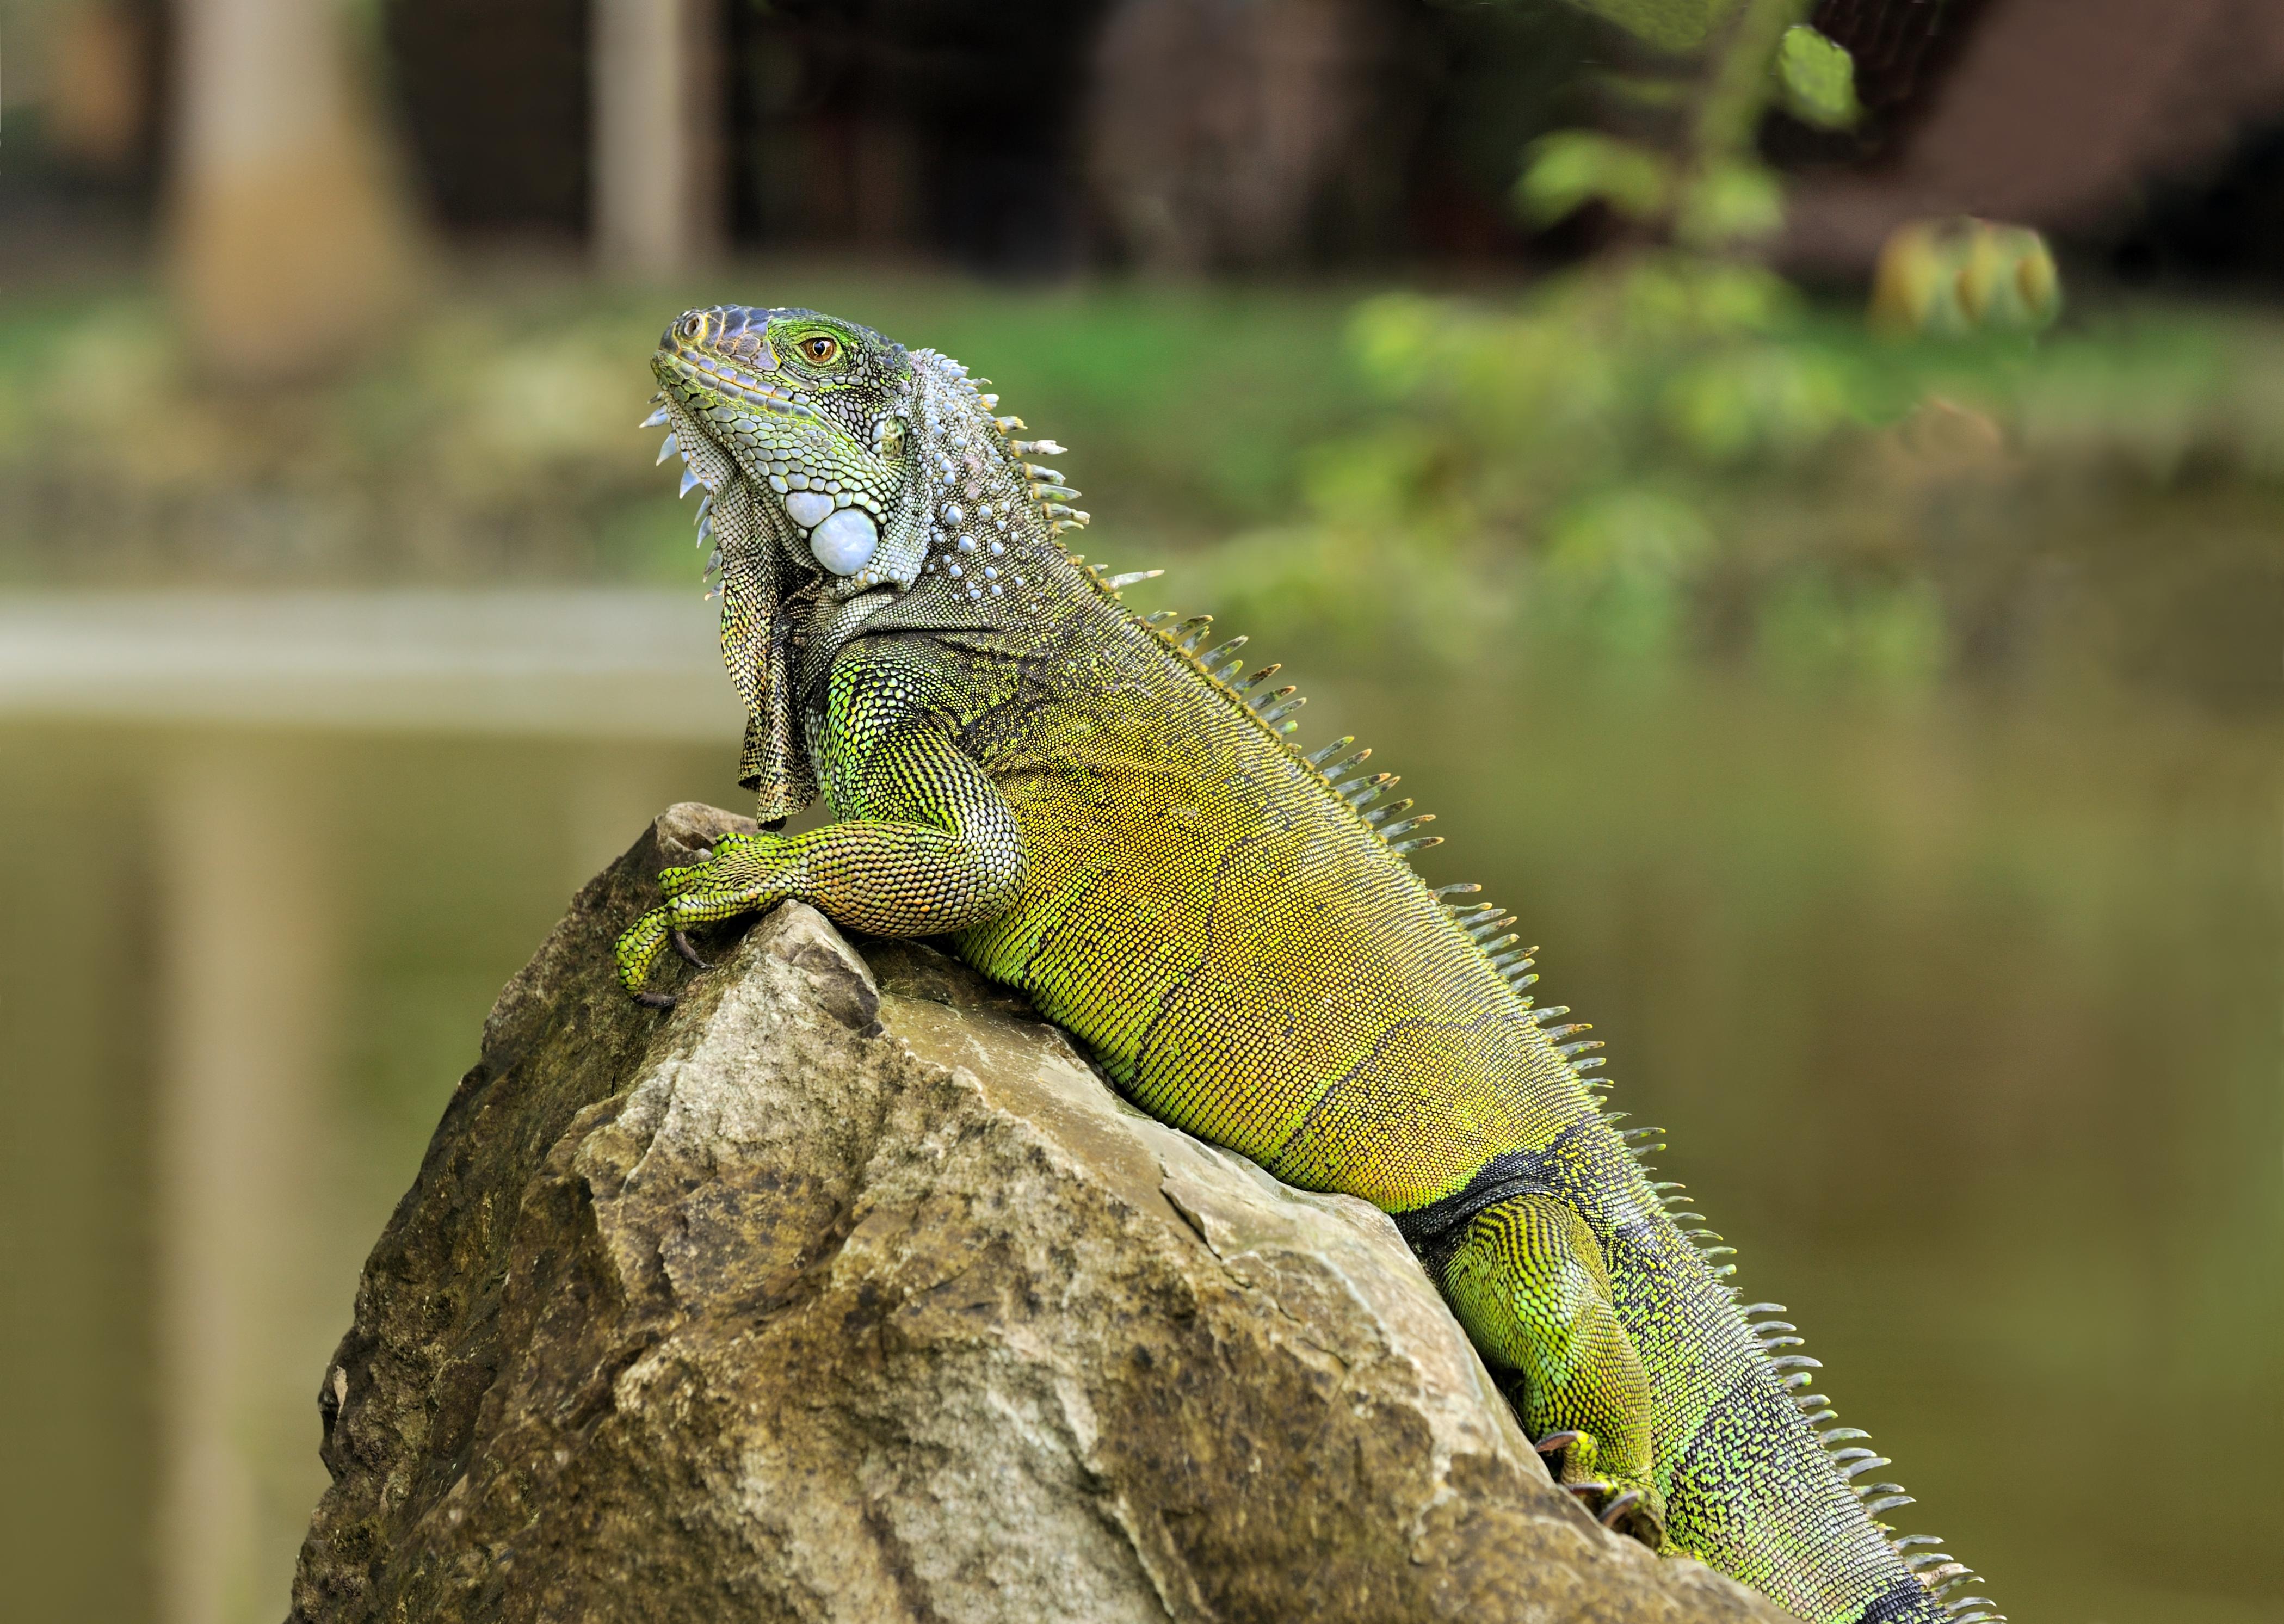 File:Iguana iguana Portoviejo 04.jpg - Wikipedia